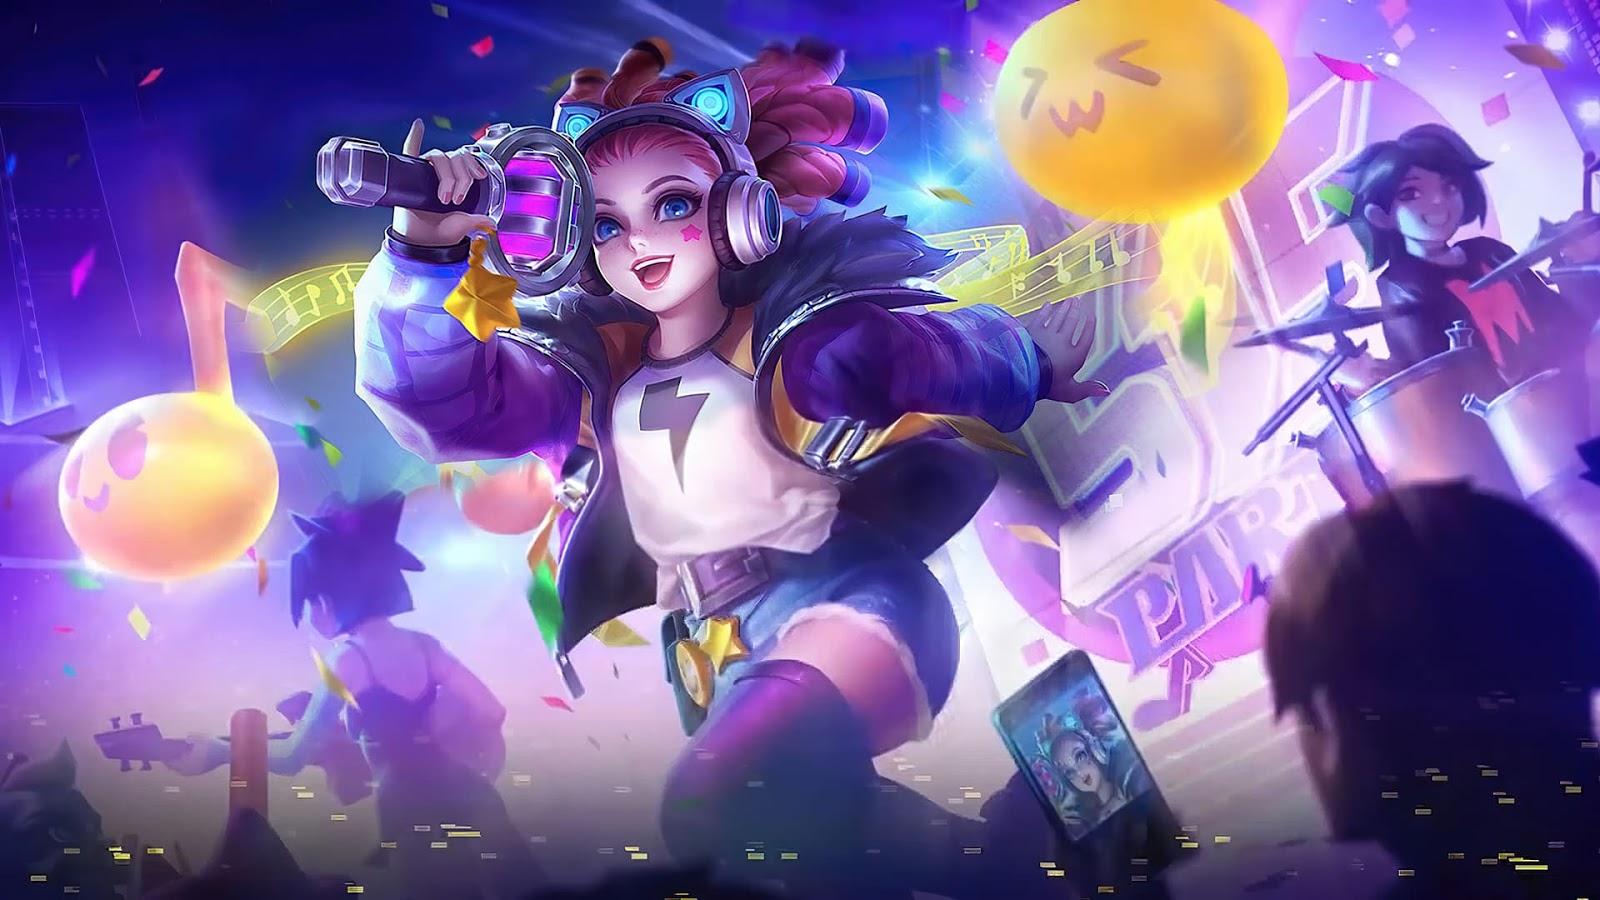 Wallpaper Lylia Future Star Skin Mobile Legends HD for PC